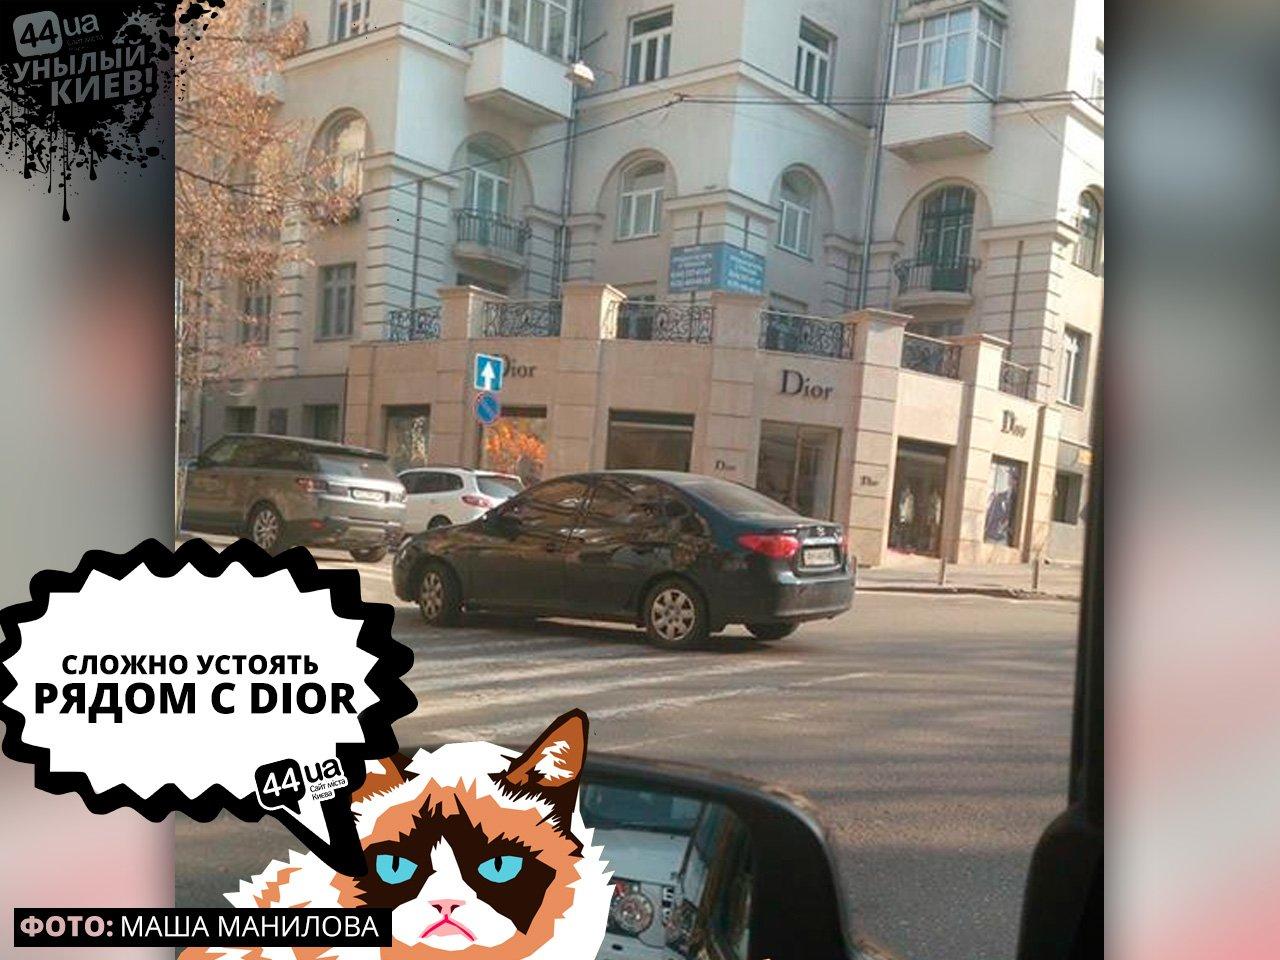 Унылый Киев: ТОП-7 героев парковки, живущих в столице, фото-3